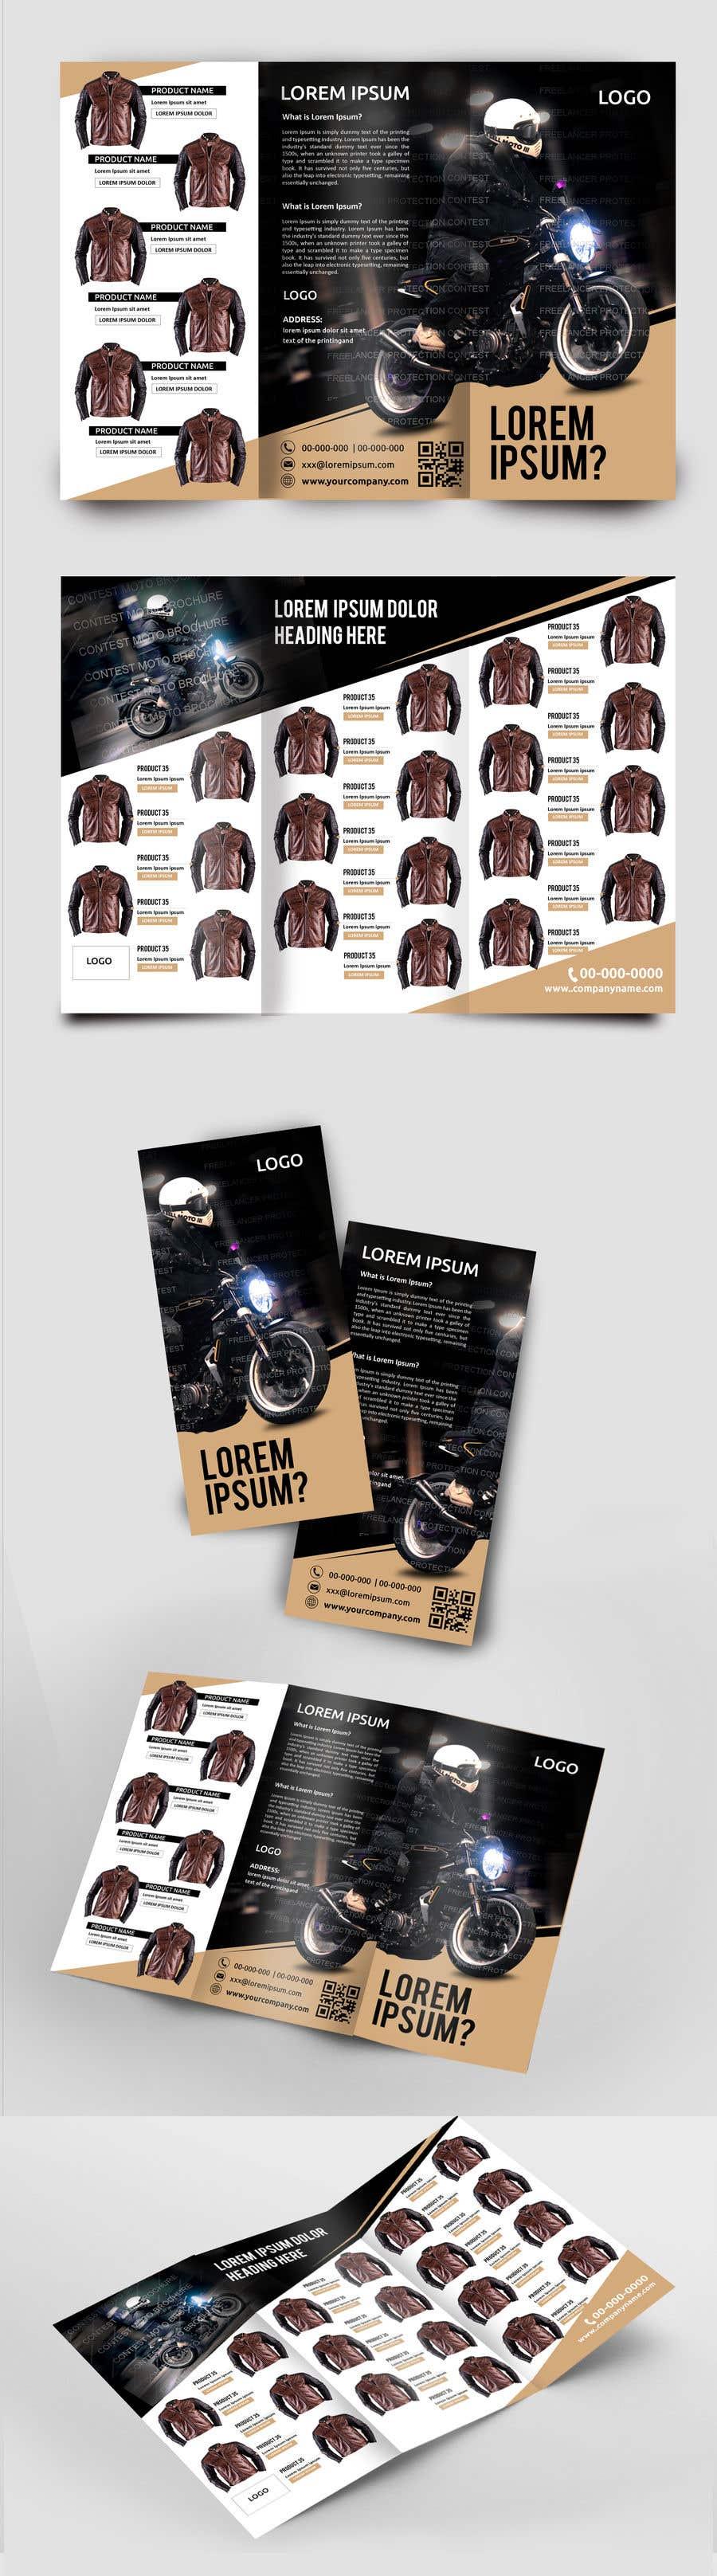 Penyertaan Peraduan #44 untuk motorbike clothing catalog